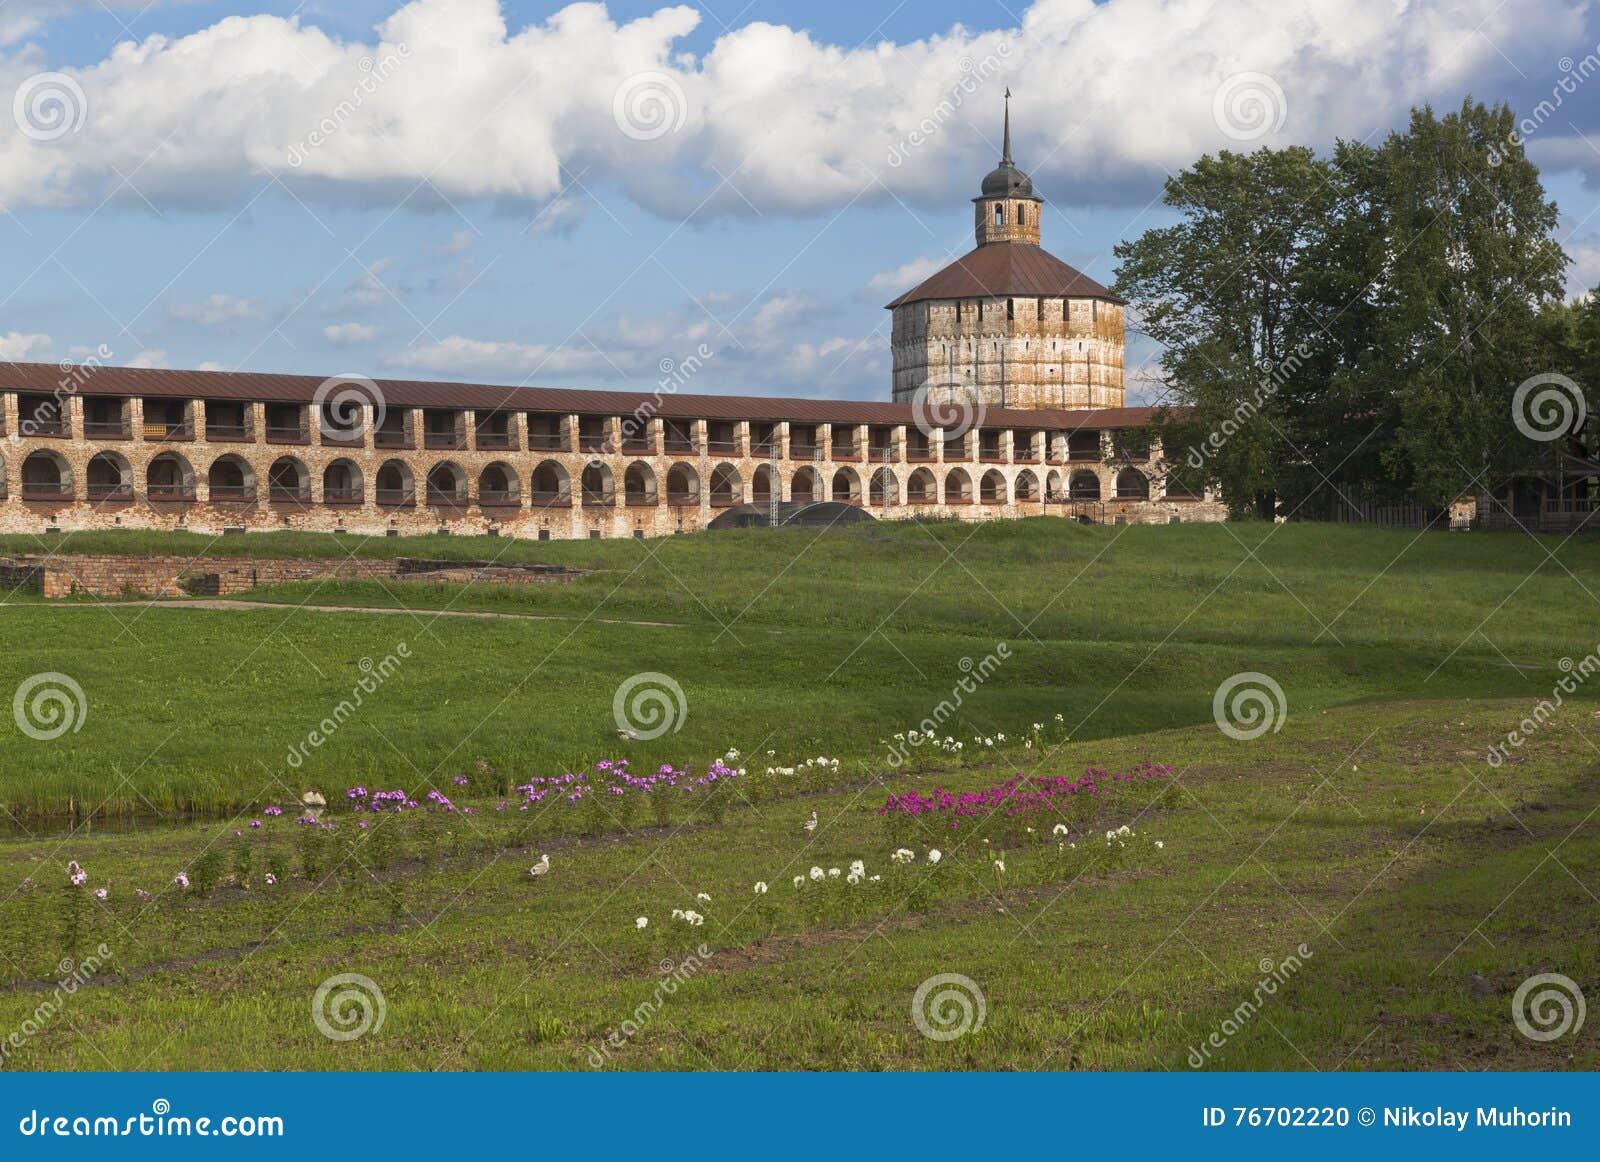 Νέοι πόλη φρουρίων και πύργος Vologda του kirillo-Belozersky μοναστηριού, περιοχή Vologda, της Ρωσίας